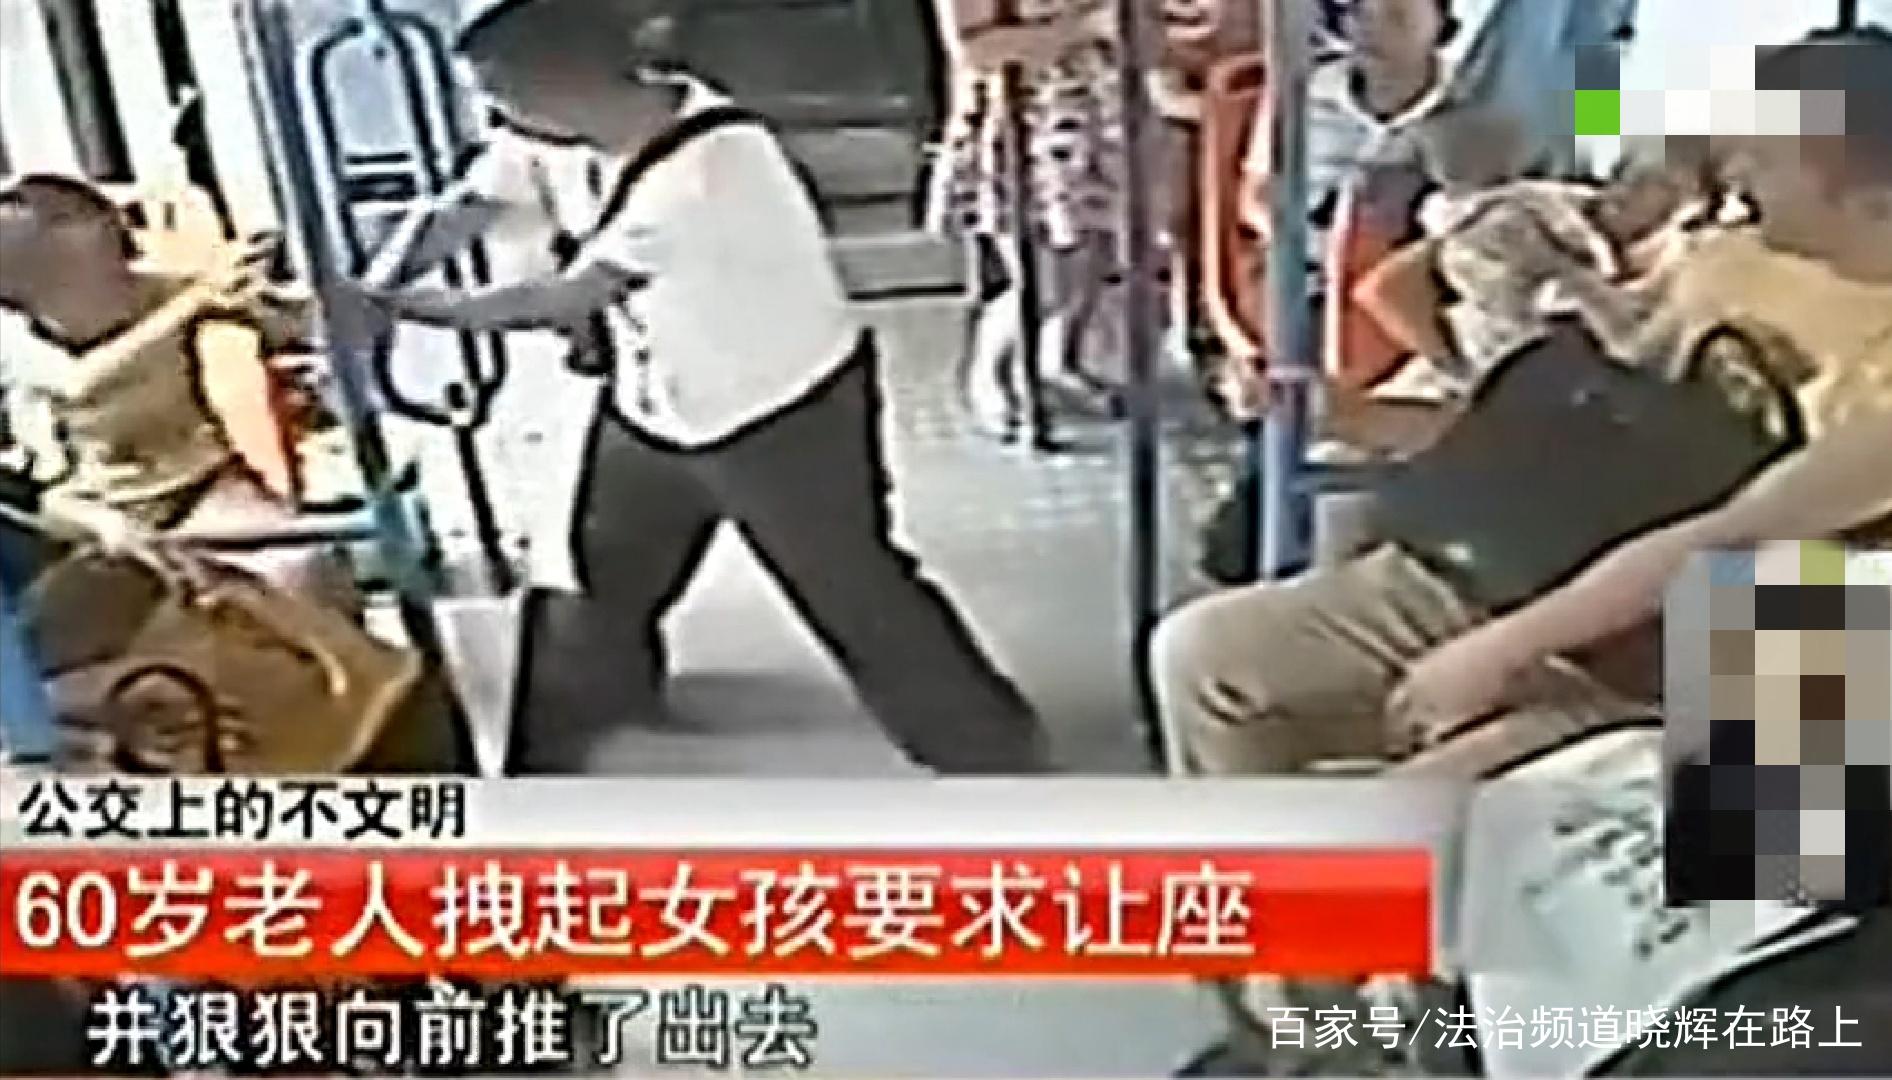 60岁老头公交车上强拽女孩要求让座!还大骂乘客都是坏人!